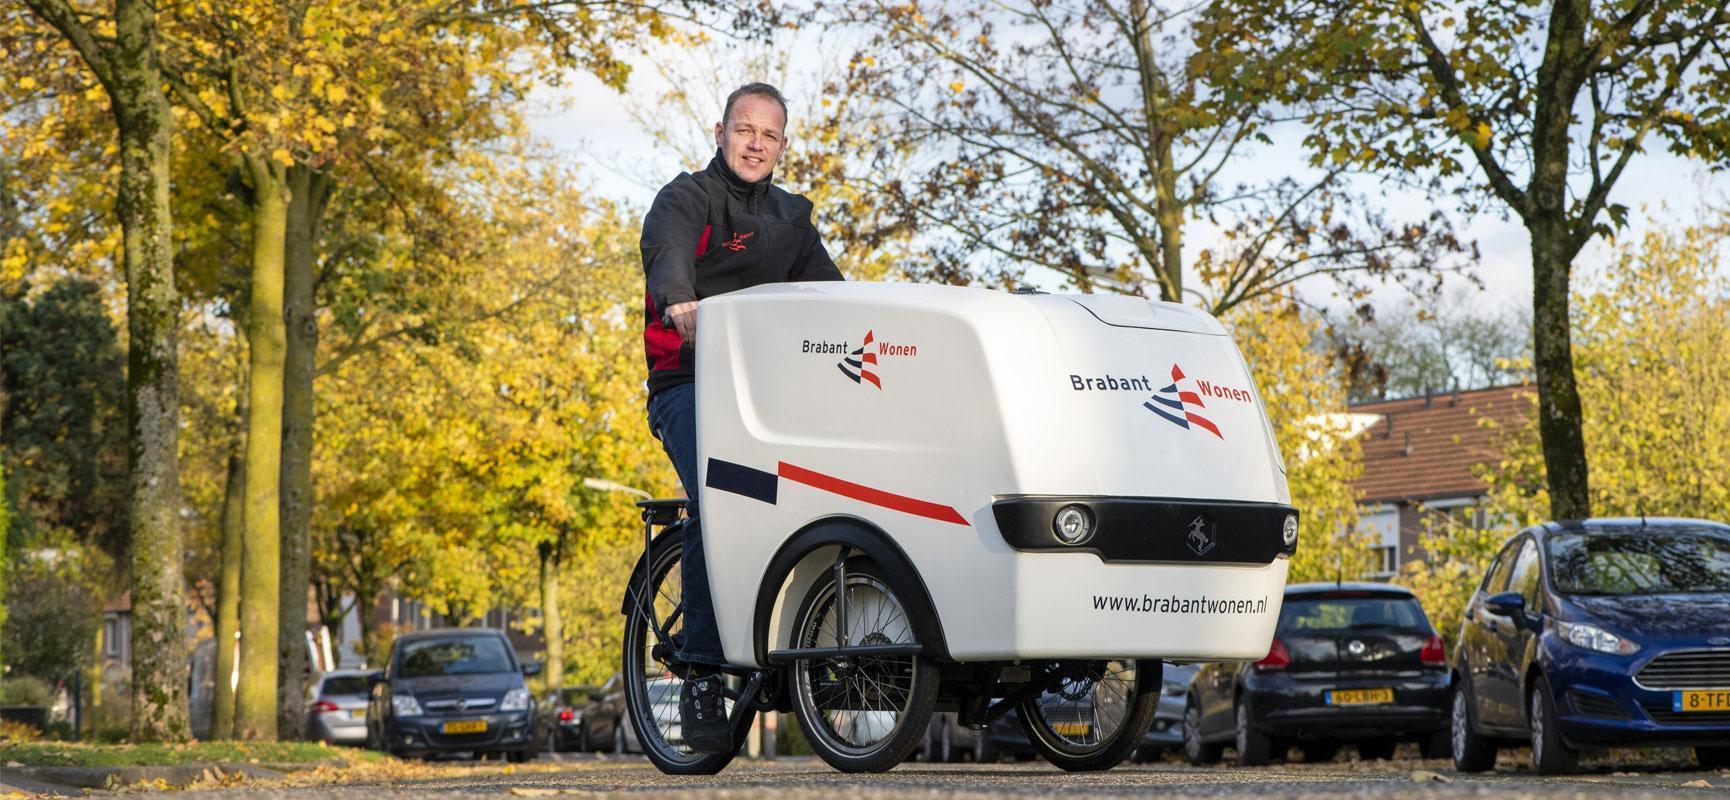 Das Elektro-Transportfahrrad von BrabantWonen